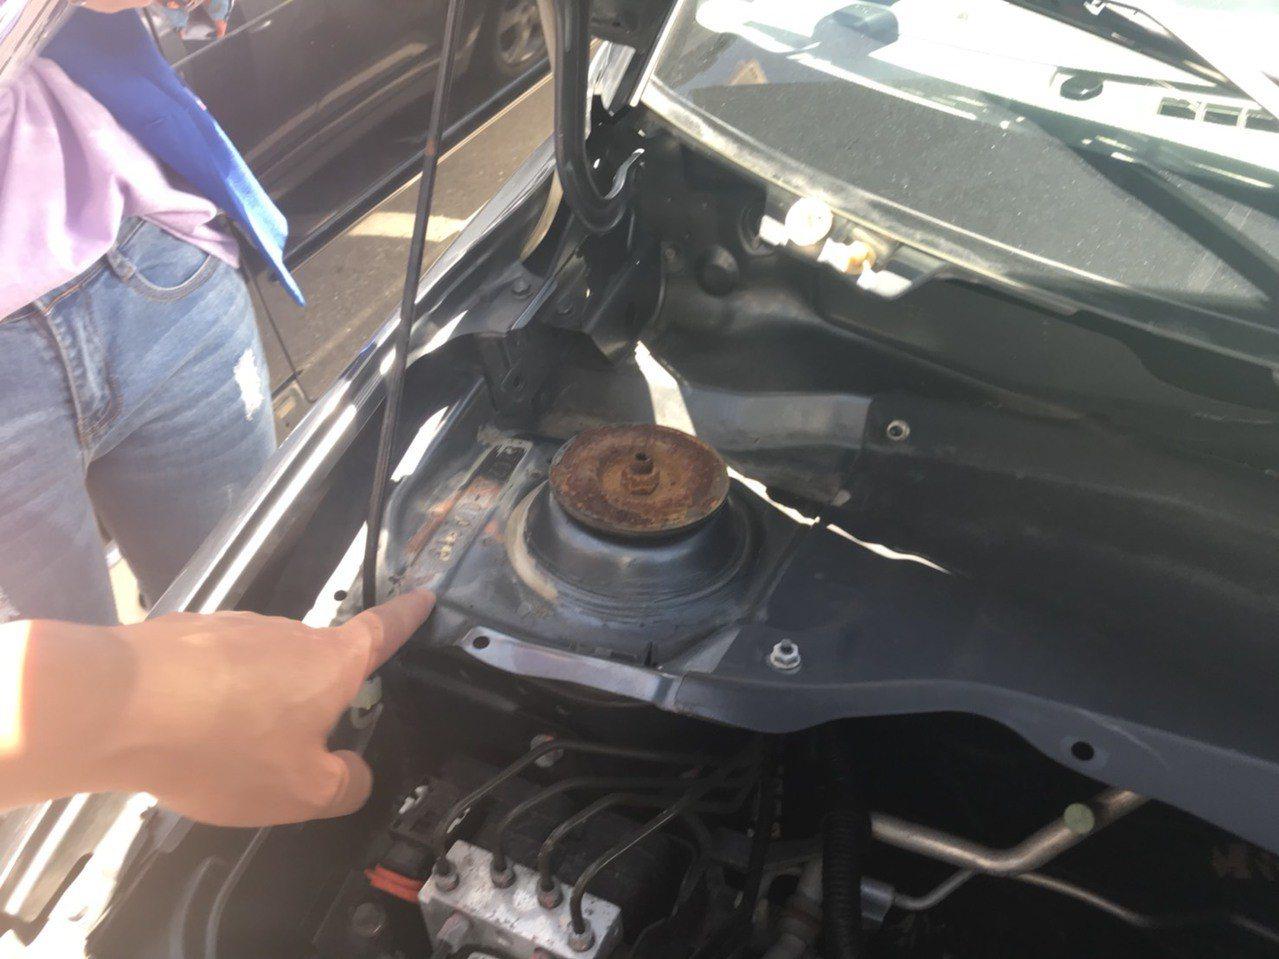 購買中古車時,應仔細查看引擎、車身號碼有無遭「切割、焊接」或「研磨、補土、打印」...